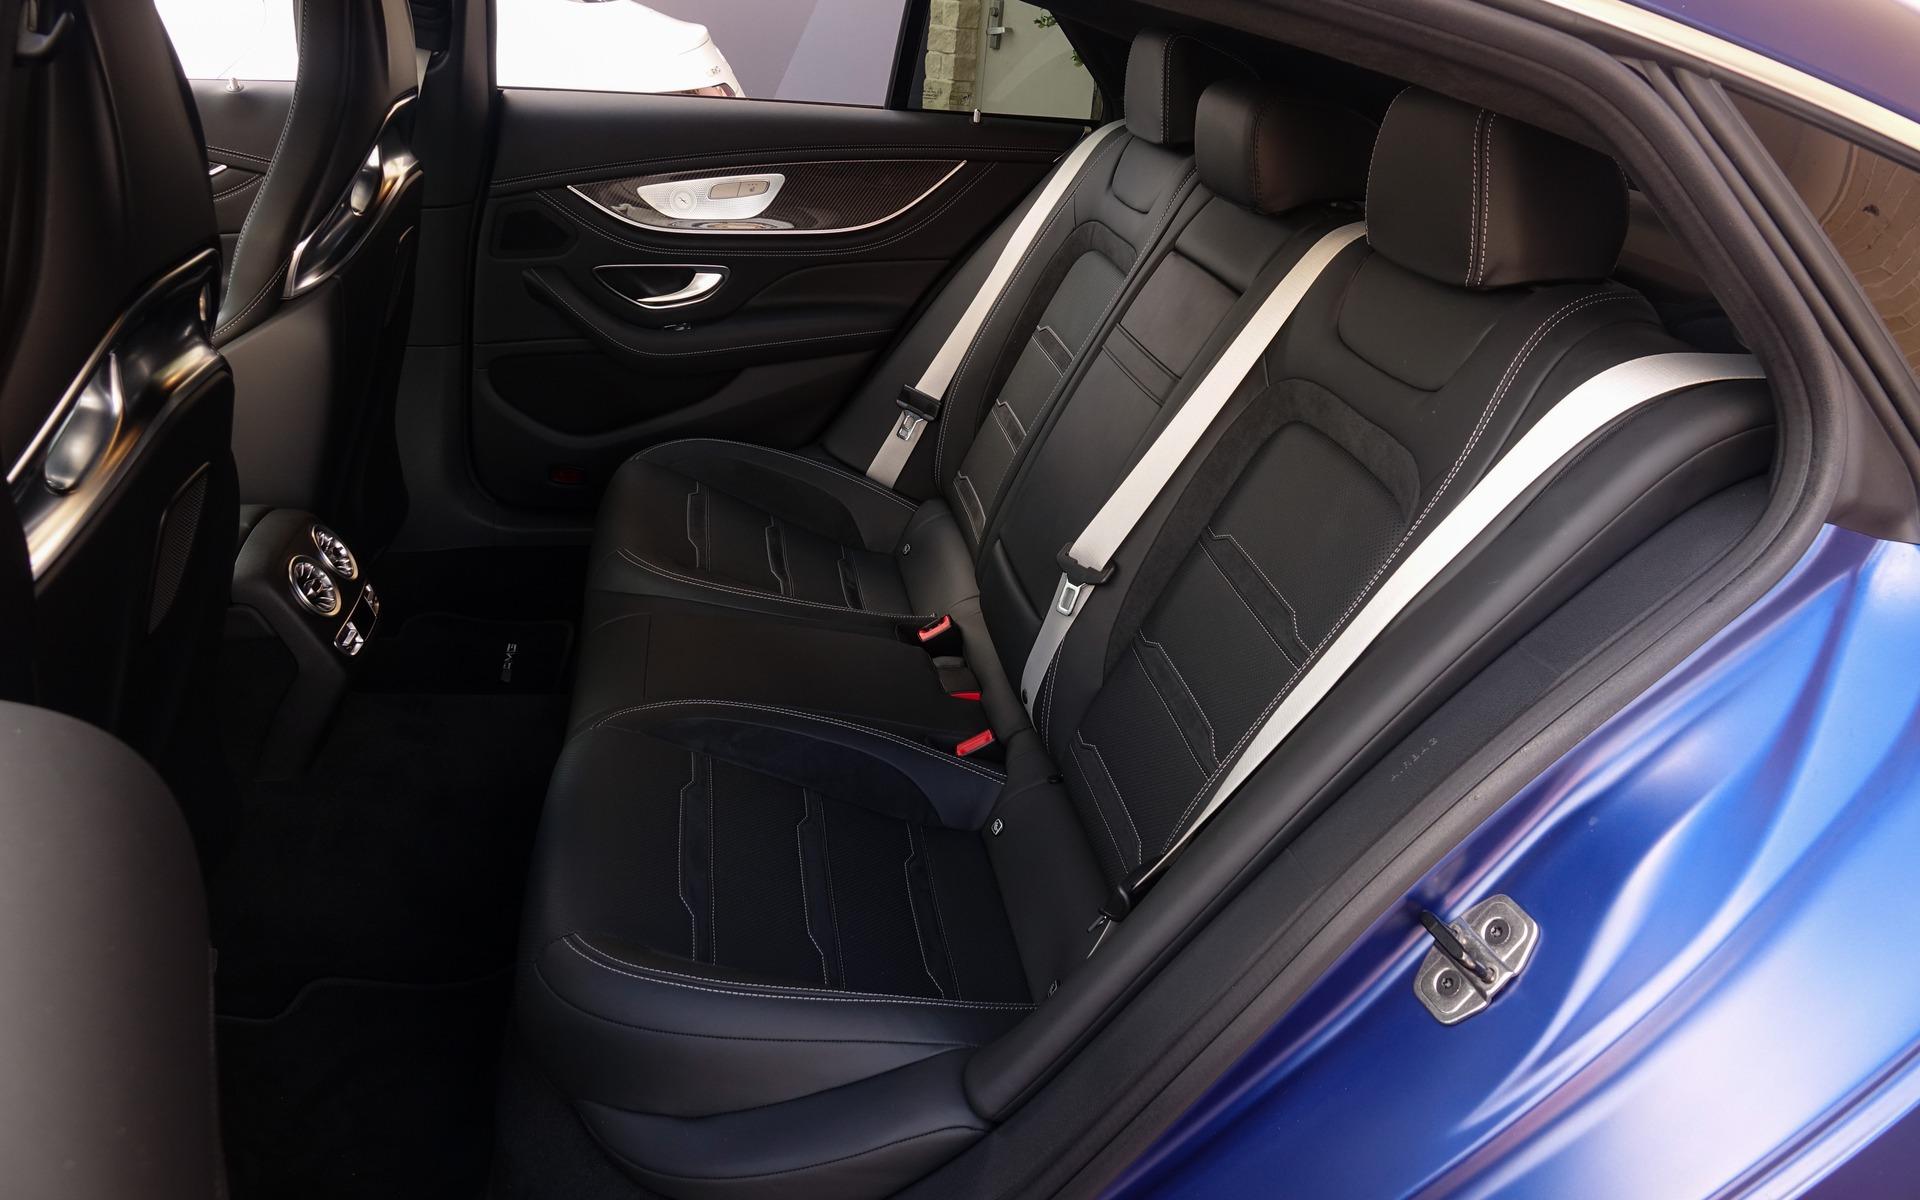 Mercedes-AMG GT coupé 4 portes 2019 : tous les angles bien couverts 349743_2019_Mercedes-Benz_AMG_GT